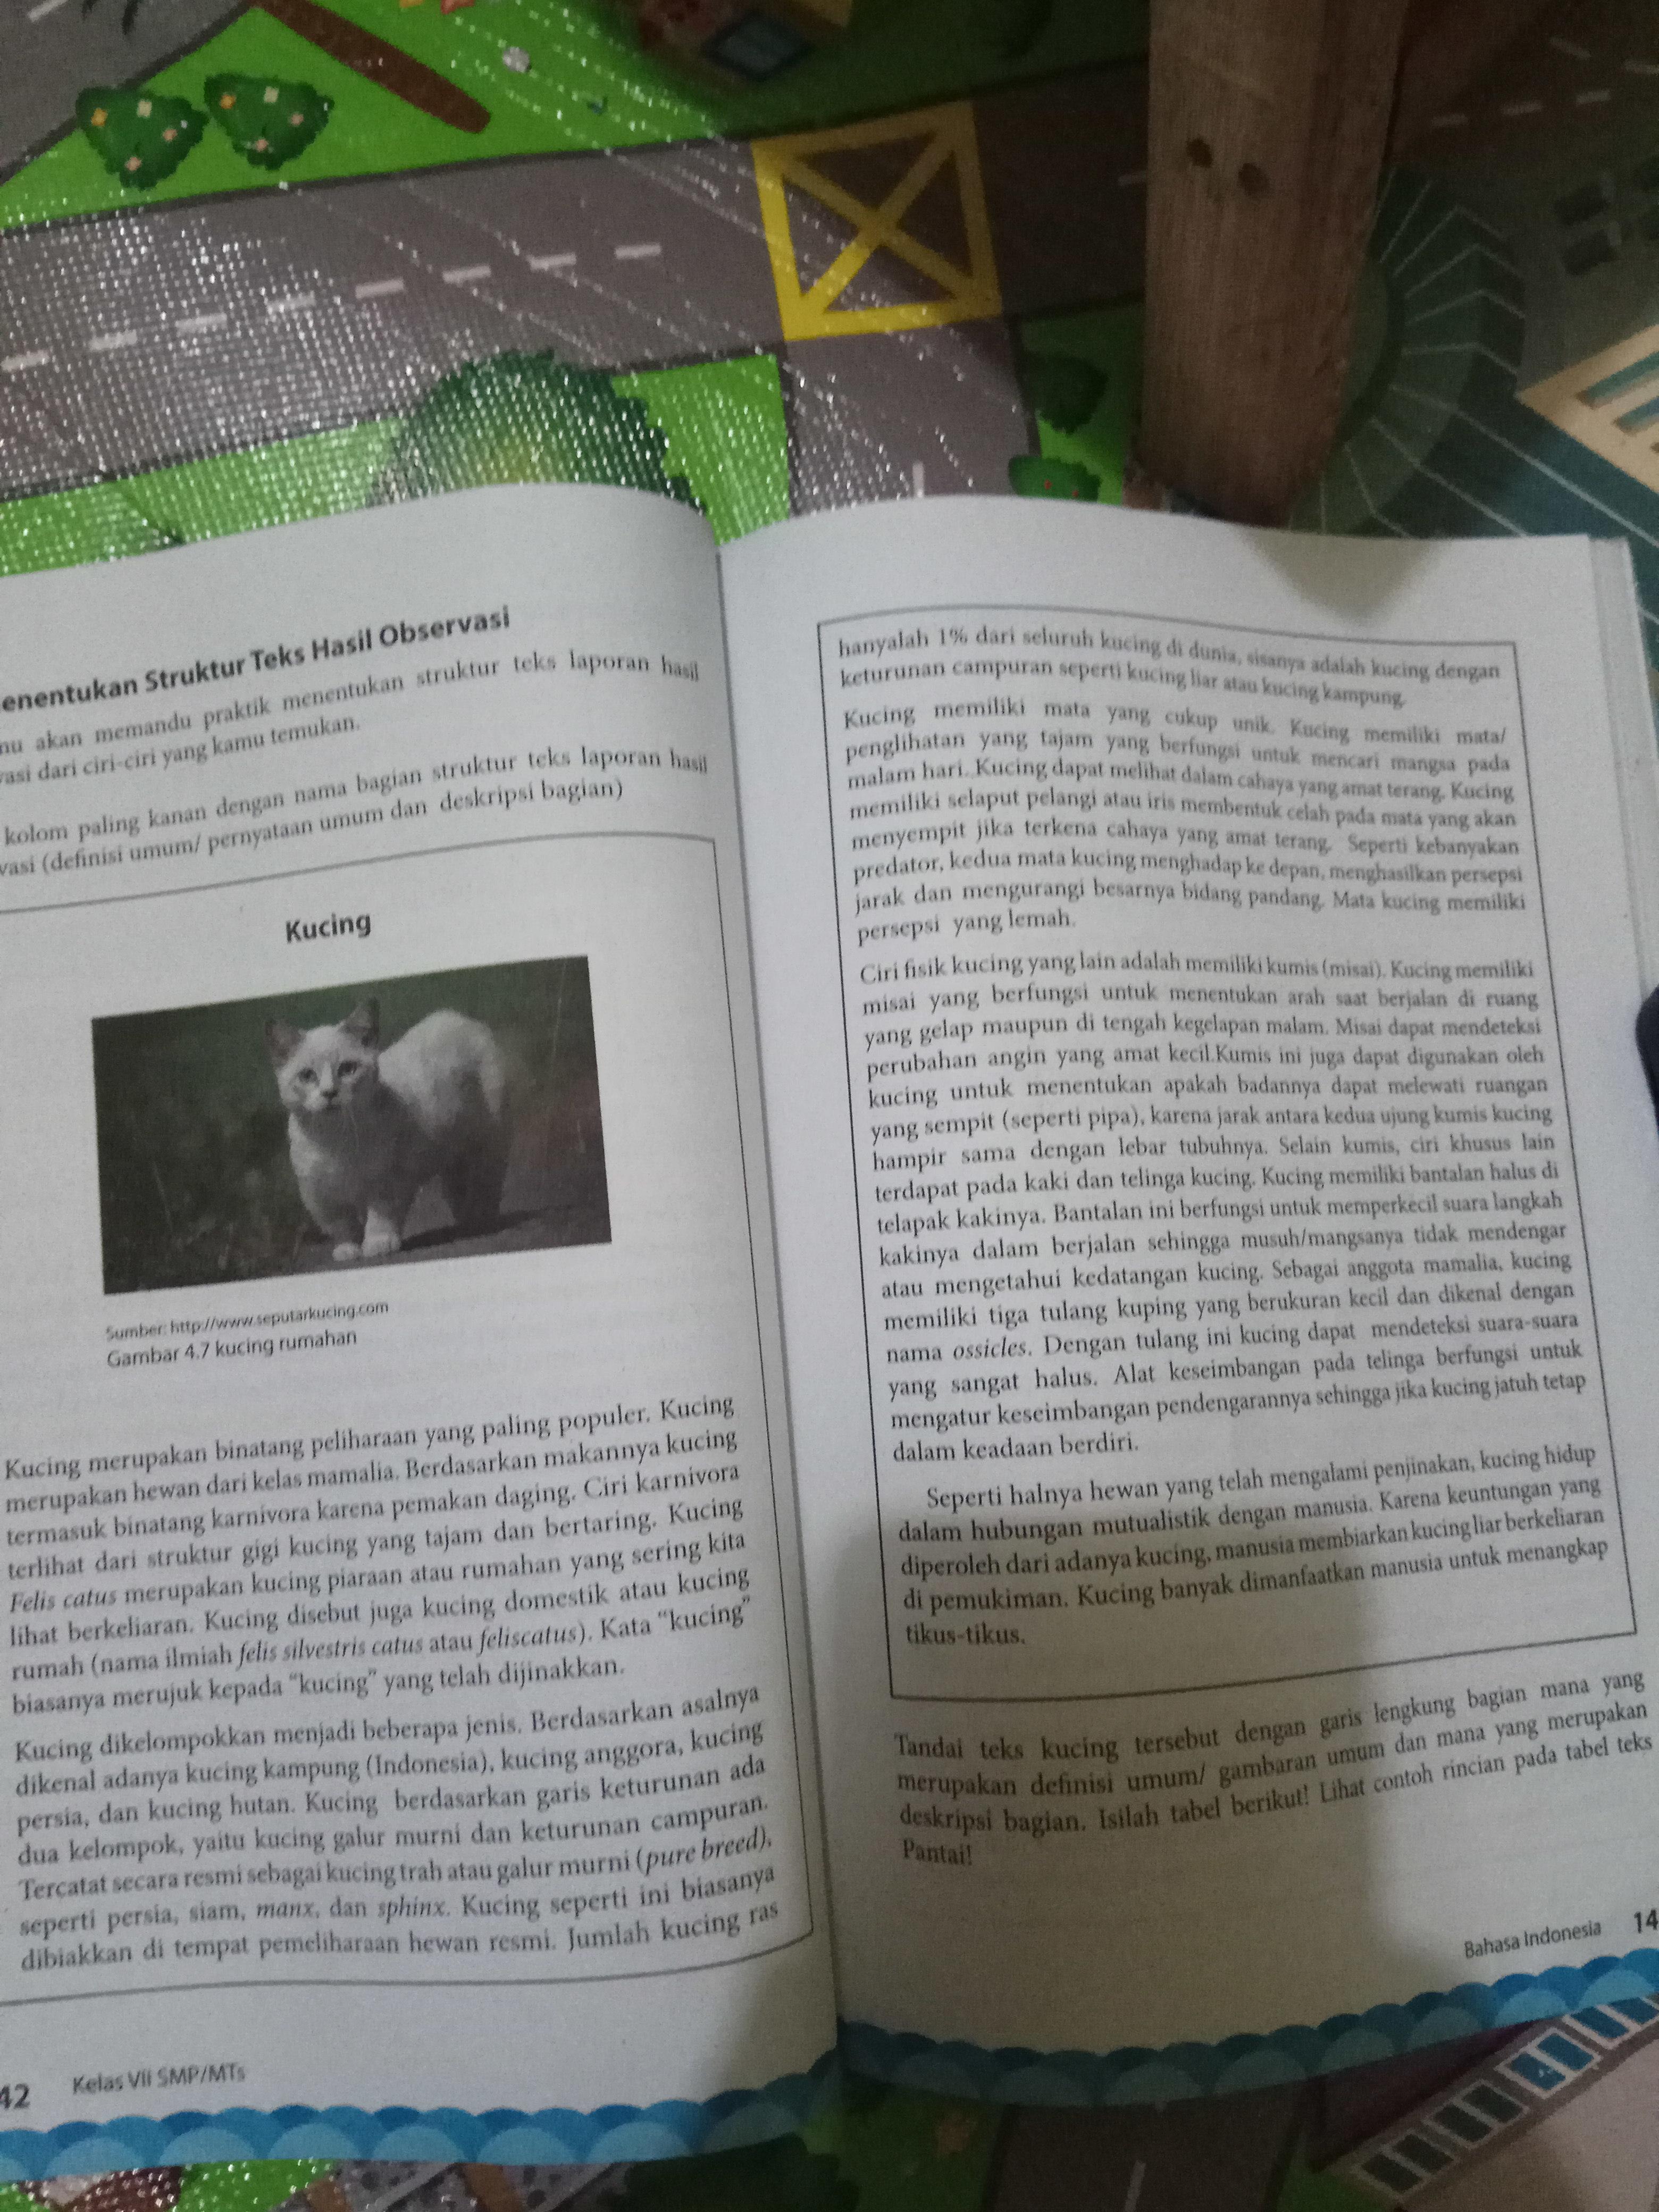 Tandai Teks Kucing Tersebut Dengan Garis Lengkung Bagian Mana Yang Merupakan Definisi Umum Gambaran Brainly Co Id